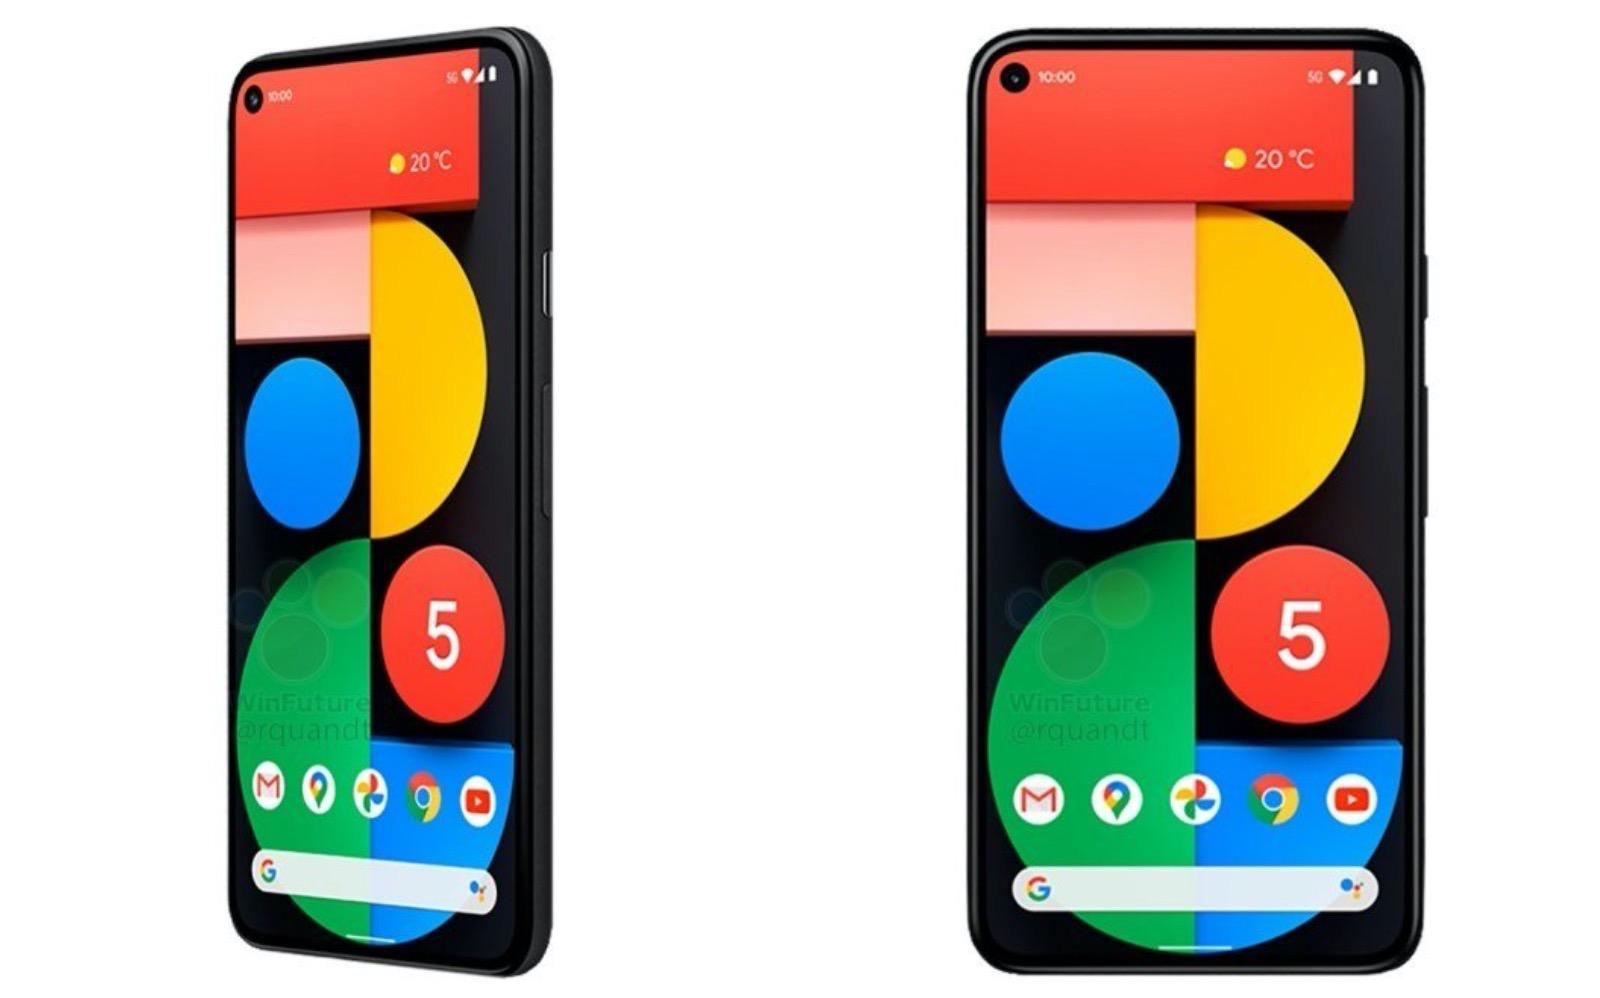 Google Pixel 5 rendering images